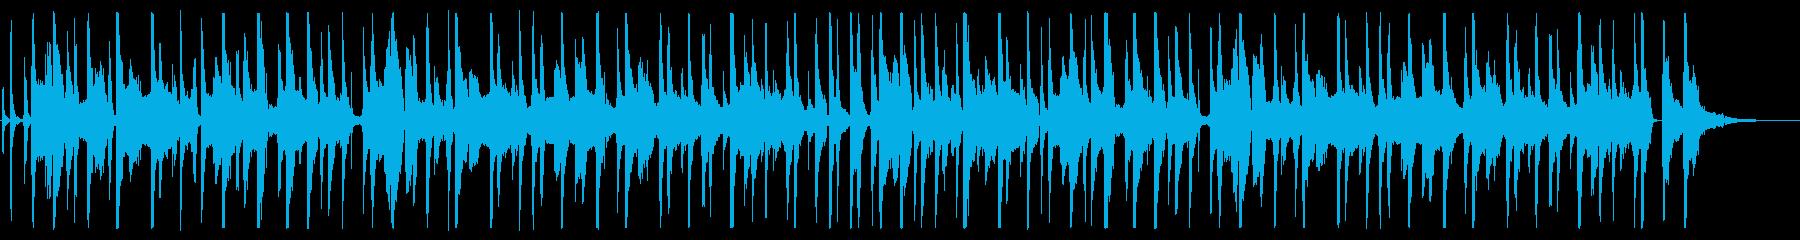 カズーとジューズハープのオチャラケソングの再生済みの波形